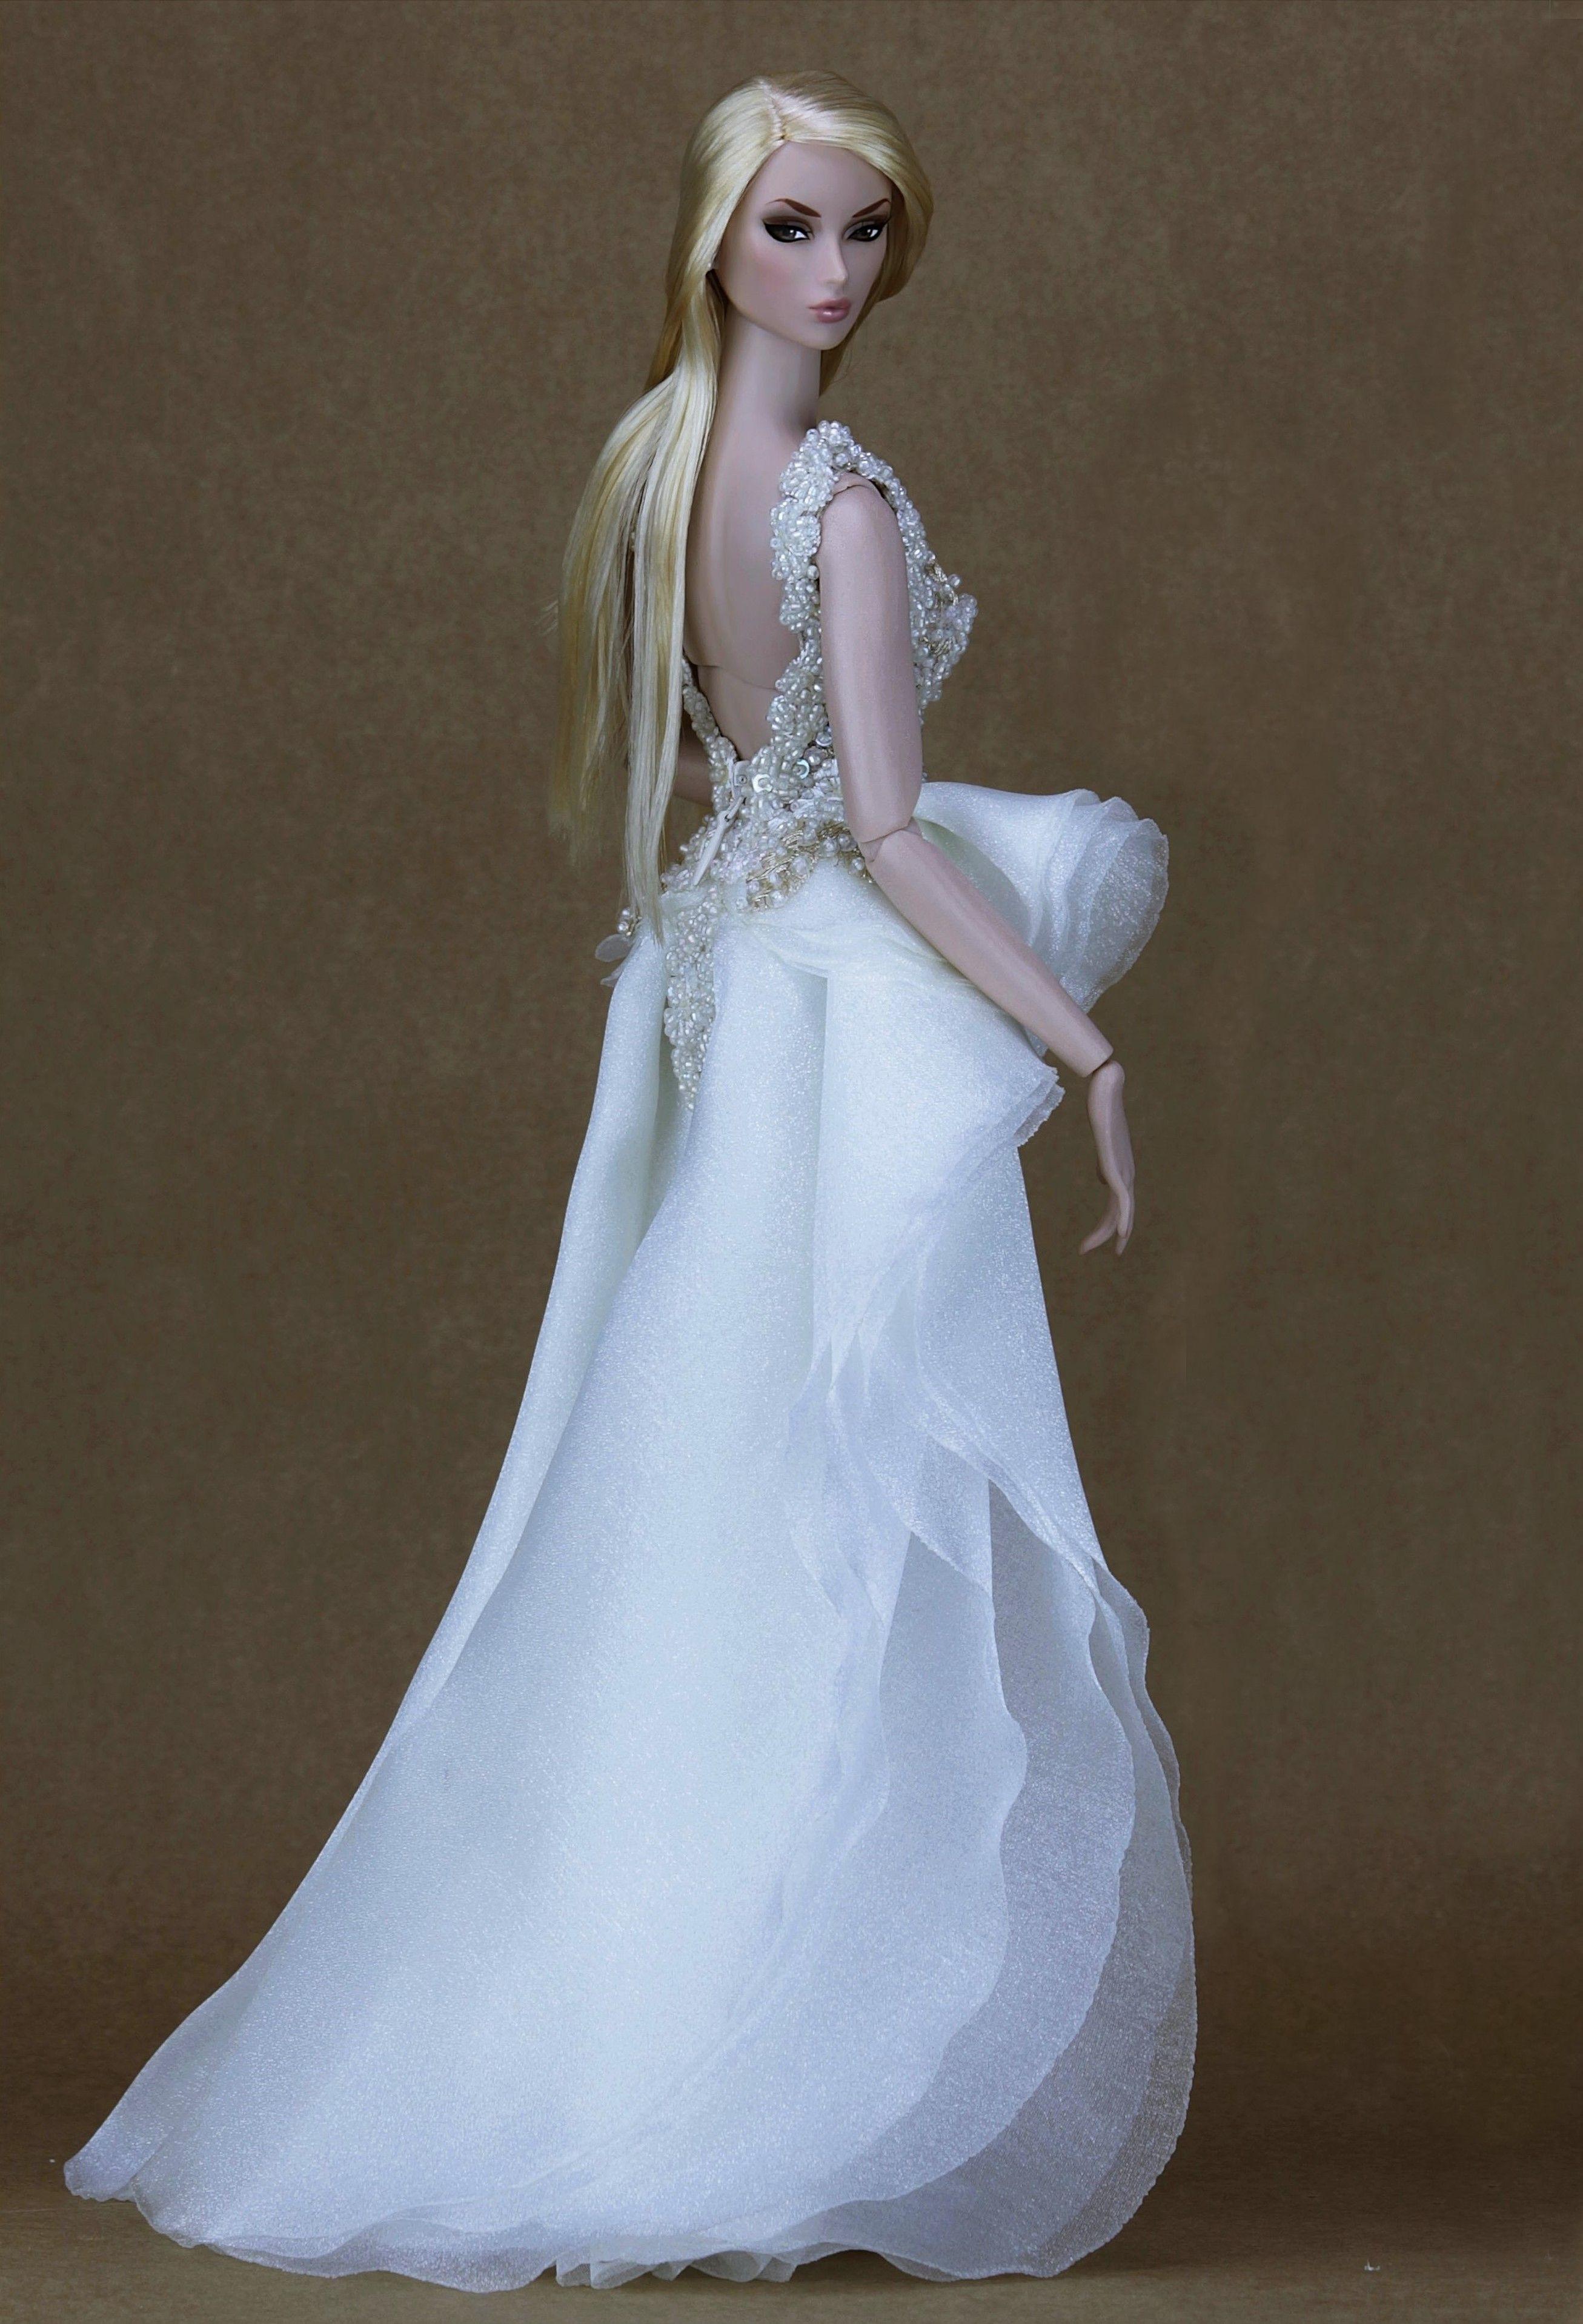 Doll wedding dress   bridal dolls toniorealli  BarbieDoll Bridal